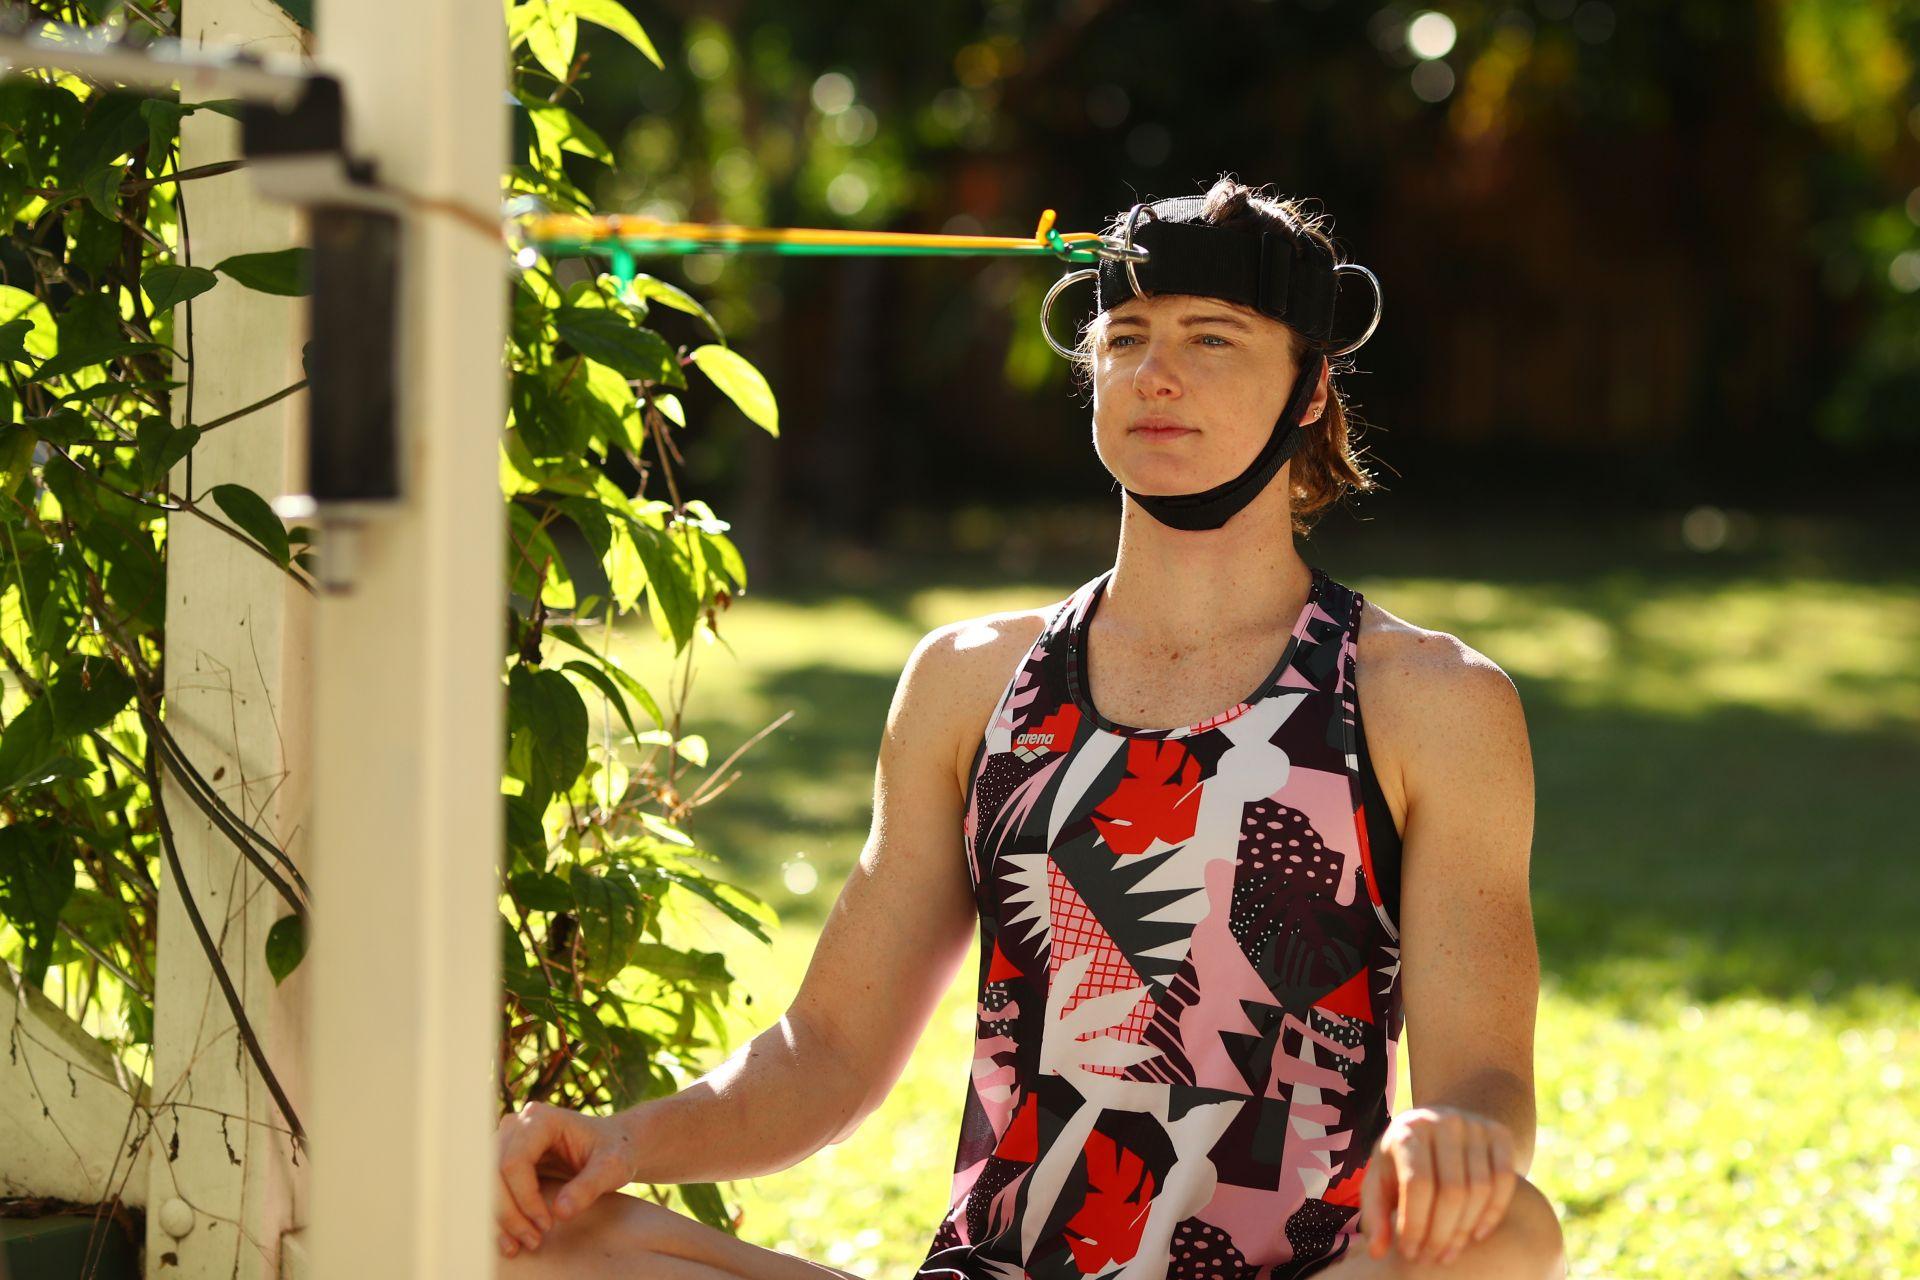 Кейт има нова цел - участие на Олимпиадата през 2024 в Париж